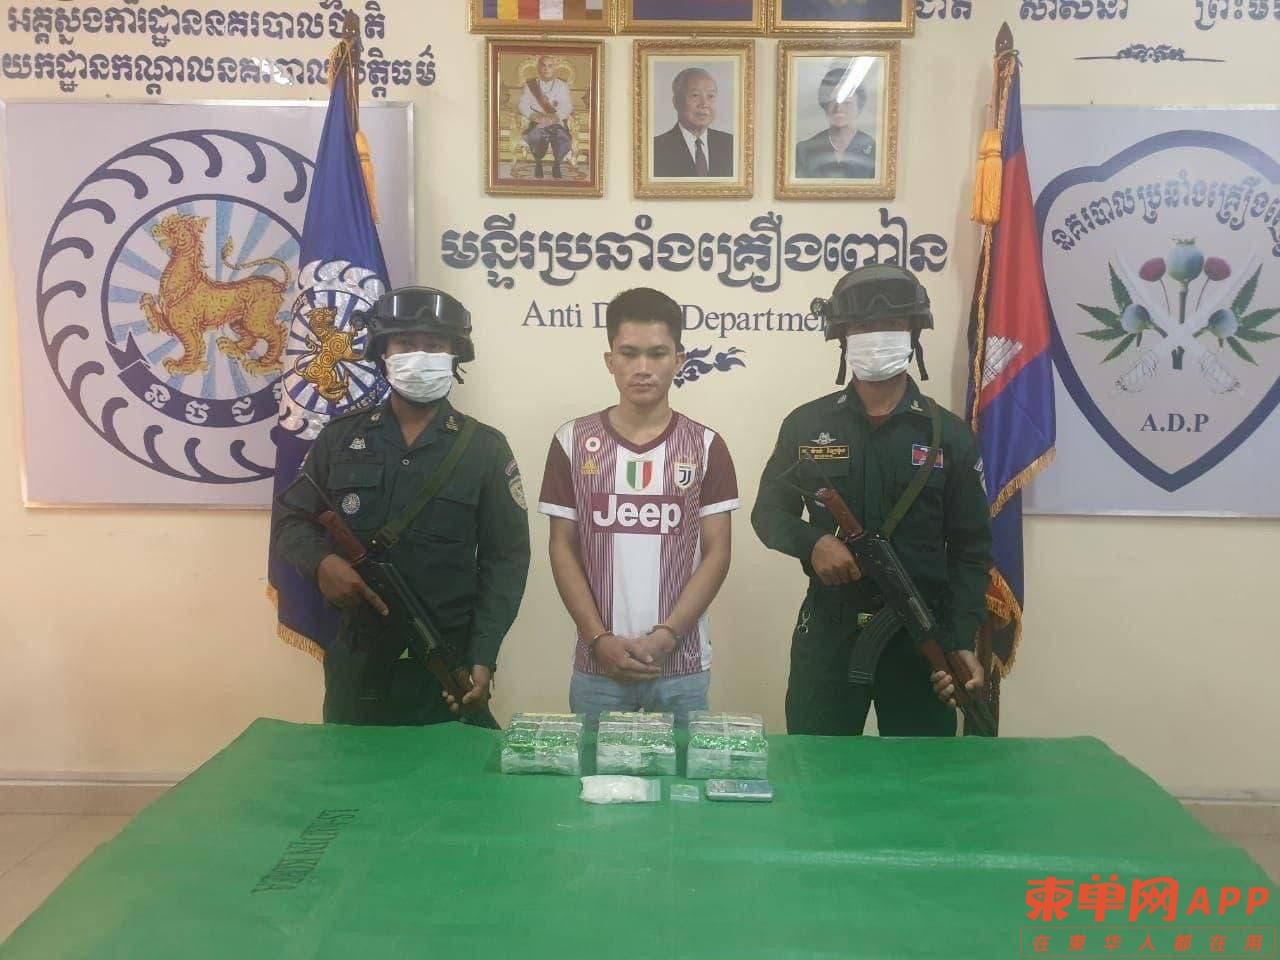 涉嫌贩毒3公斤,22岁小伙被判无期